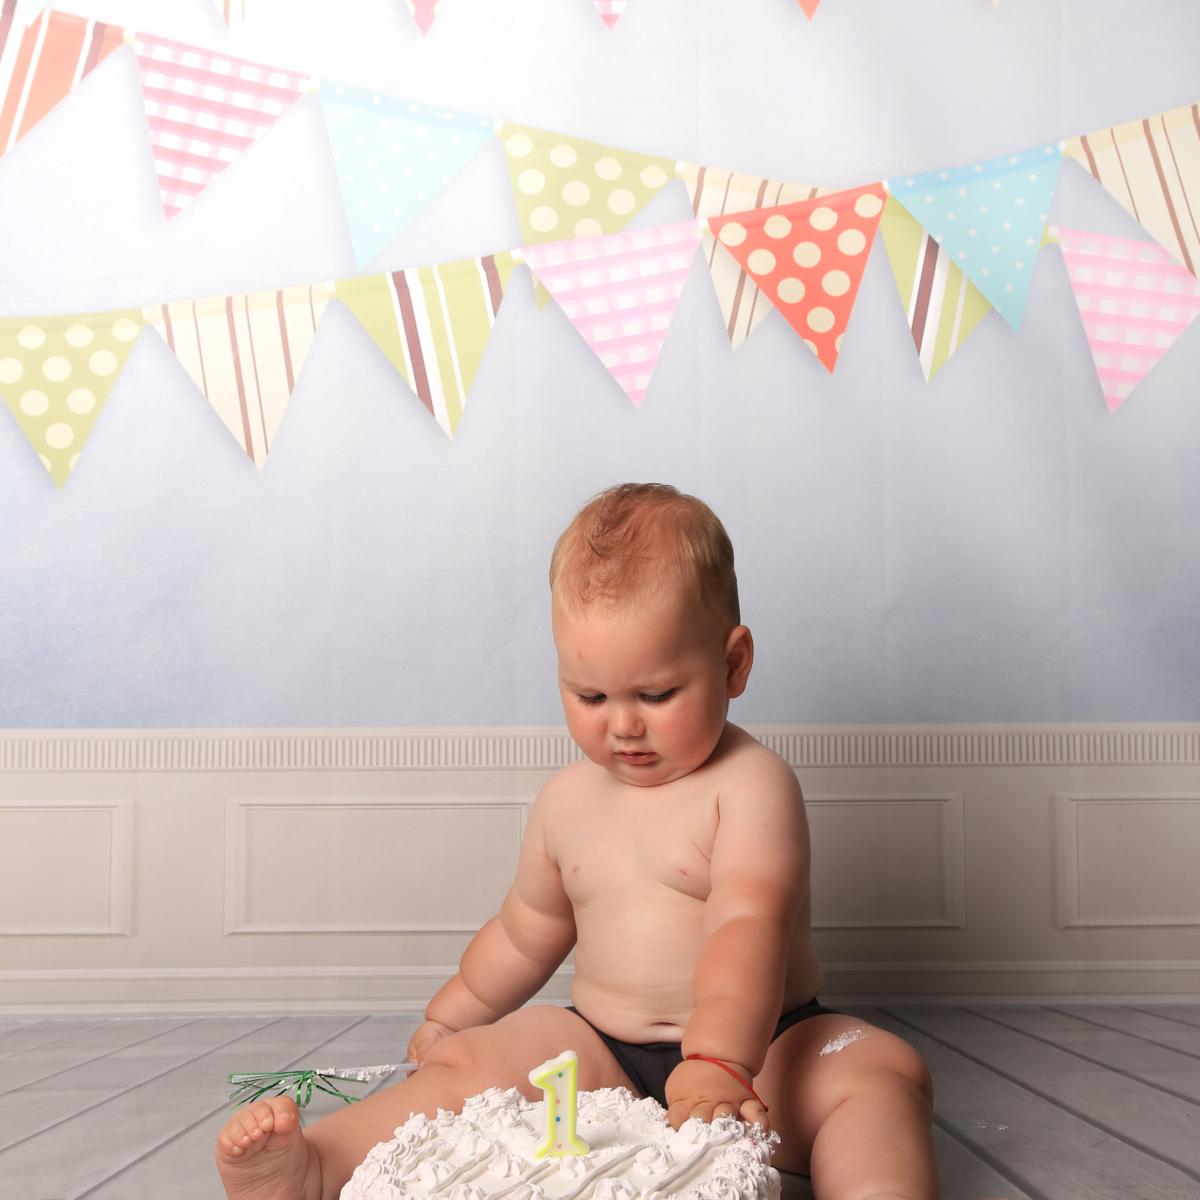 sedinta foto cu Bebe care mananca tort